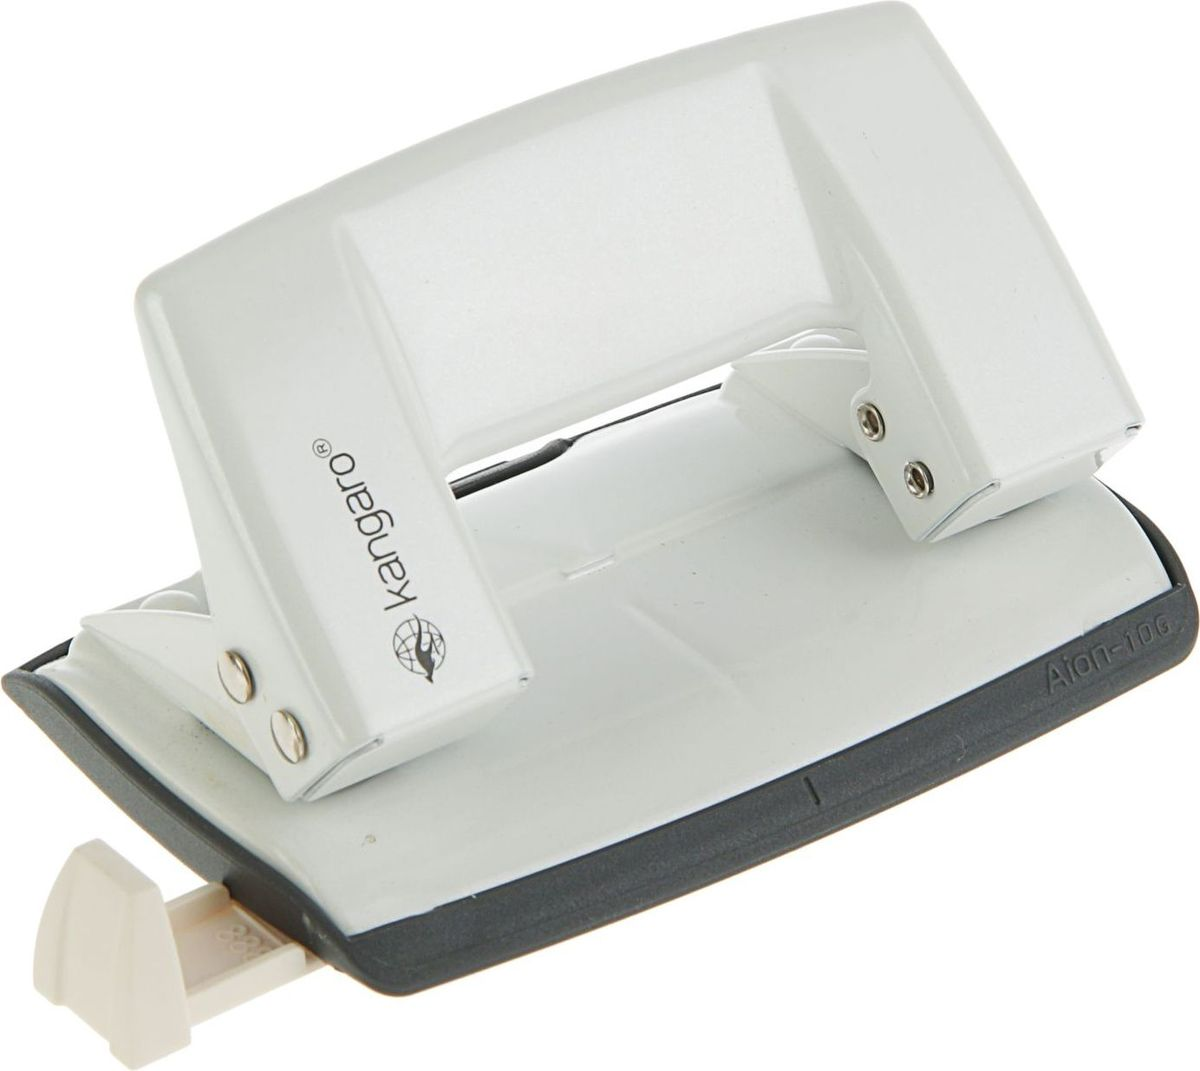 Kangaro Дырокол Aion -10G на 10 листов цвет белый металлик2334250Удобный и практичный дырокол Kangaro Aion -10G- незаменимый офисный инструмент. Компактный дырокол в эргономичном корпусе с металлическим механизмом предназначен для одновременной перфорации до 10 листов бумаги. Для удобной работы имеет нескользящее основание и съемный резервуар для обрезков бумаги. Стальные рабочие поверхности обеспечивают долгий срок его эксплуатации.